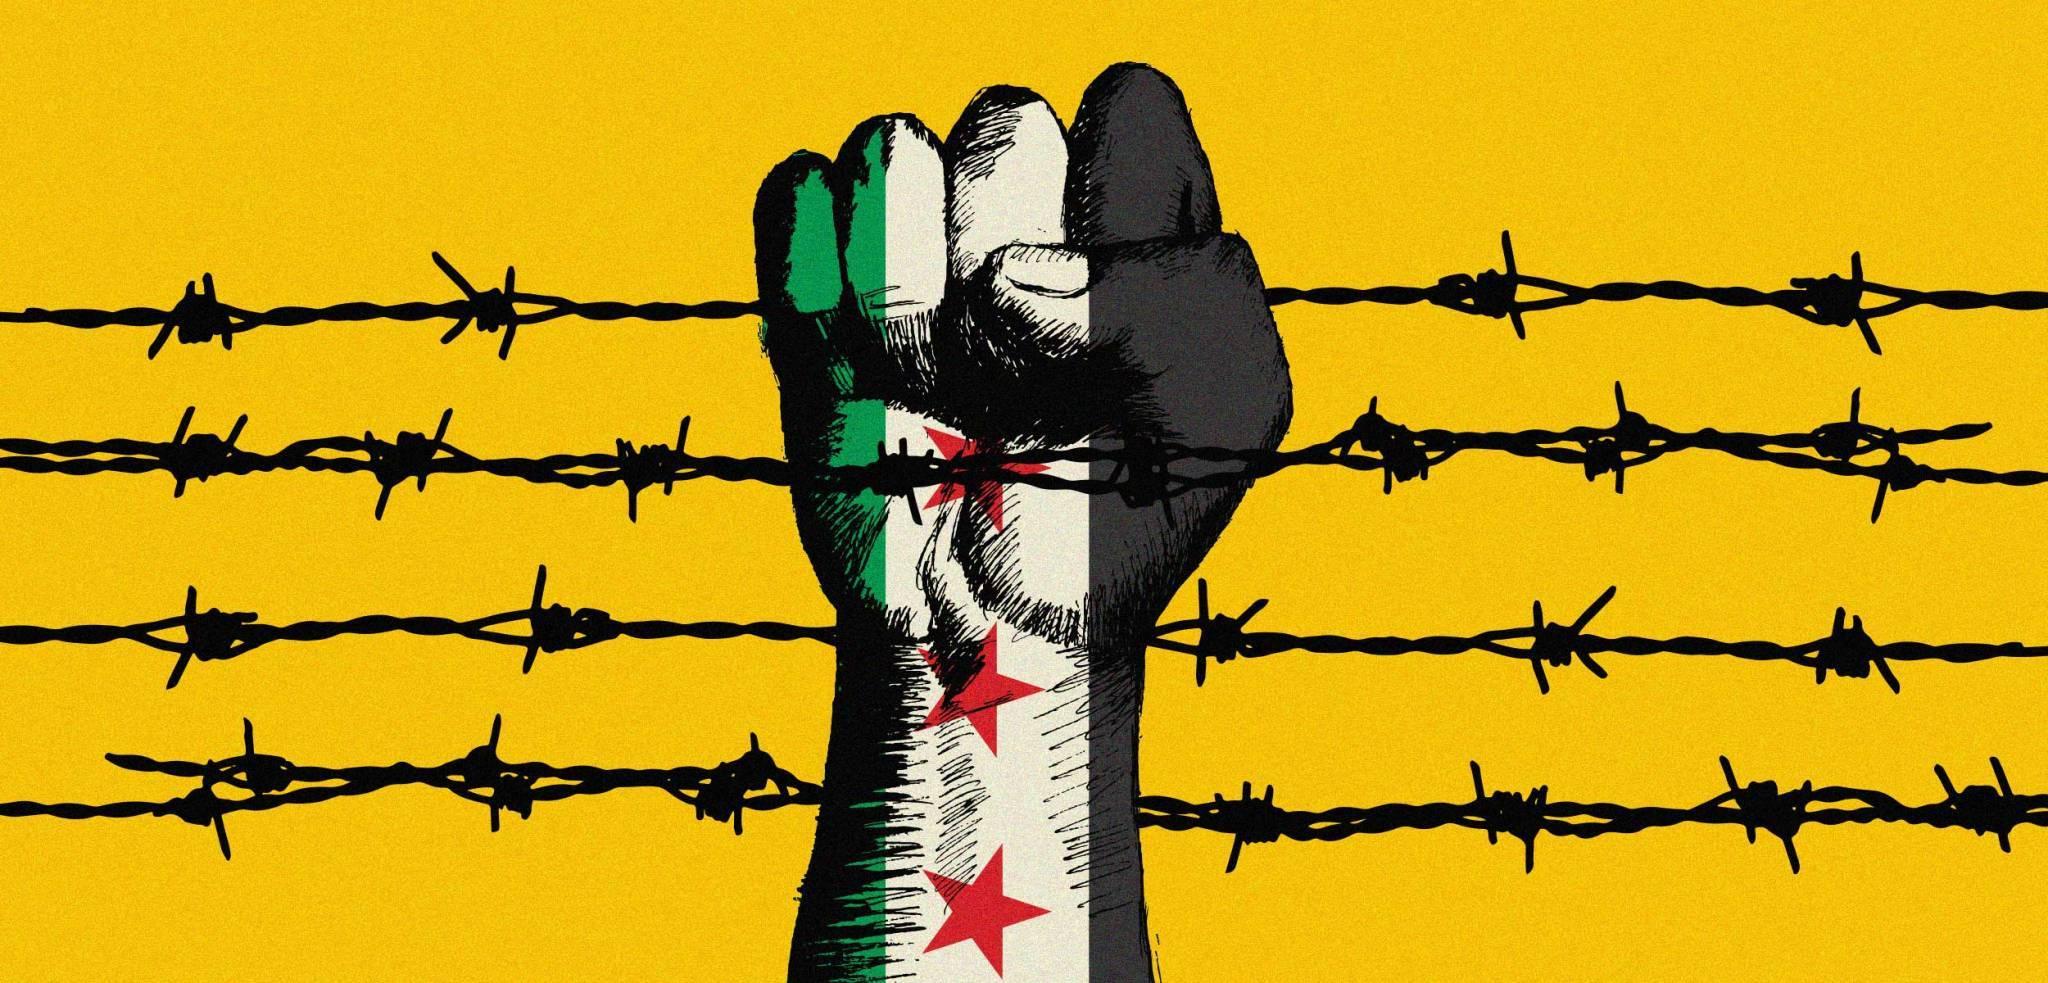 صورة زلزال سياسي في سوريا قريبا.. التغيير يبدأ من الأسد (تفاصيل كاملة)